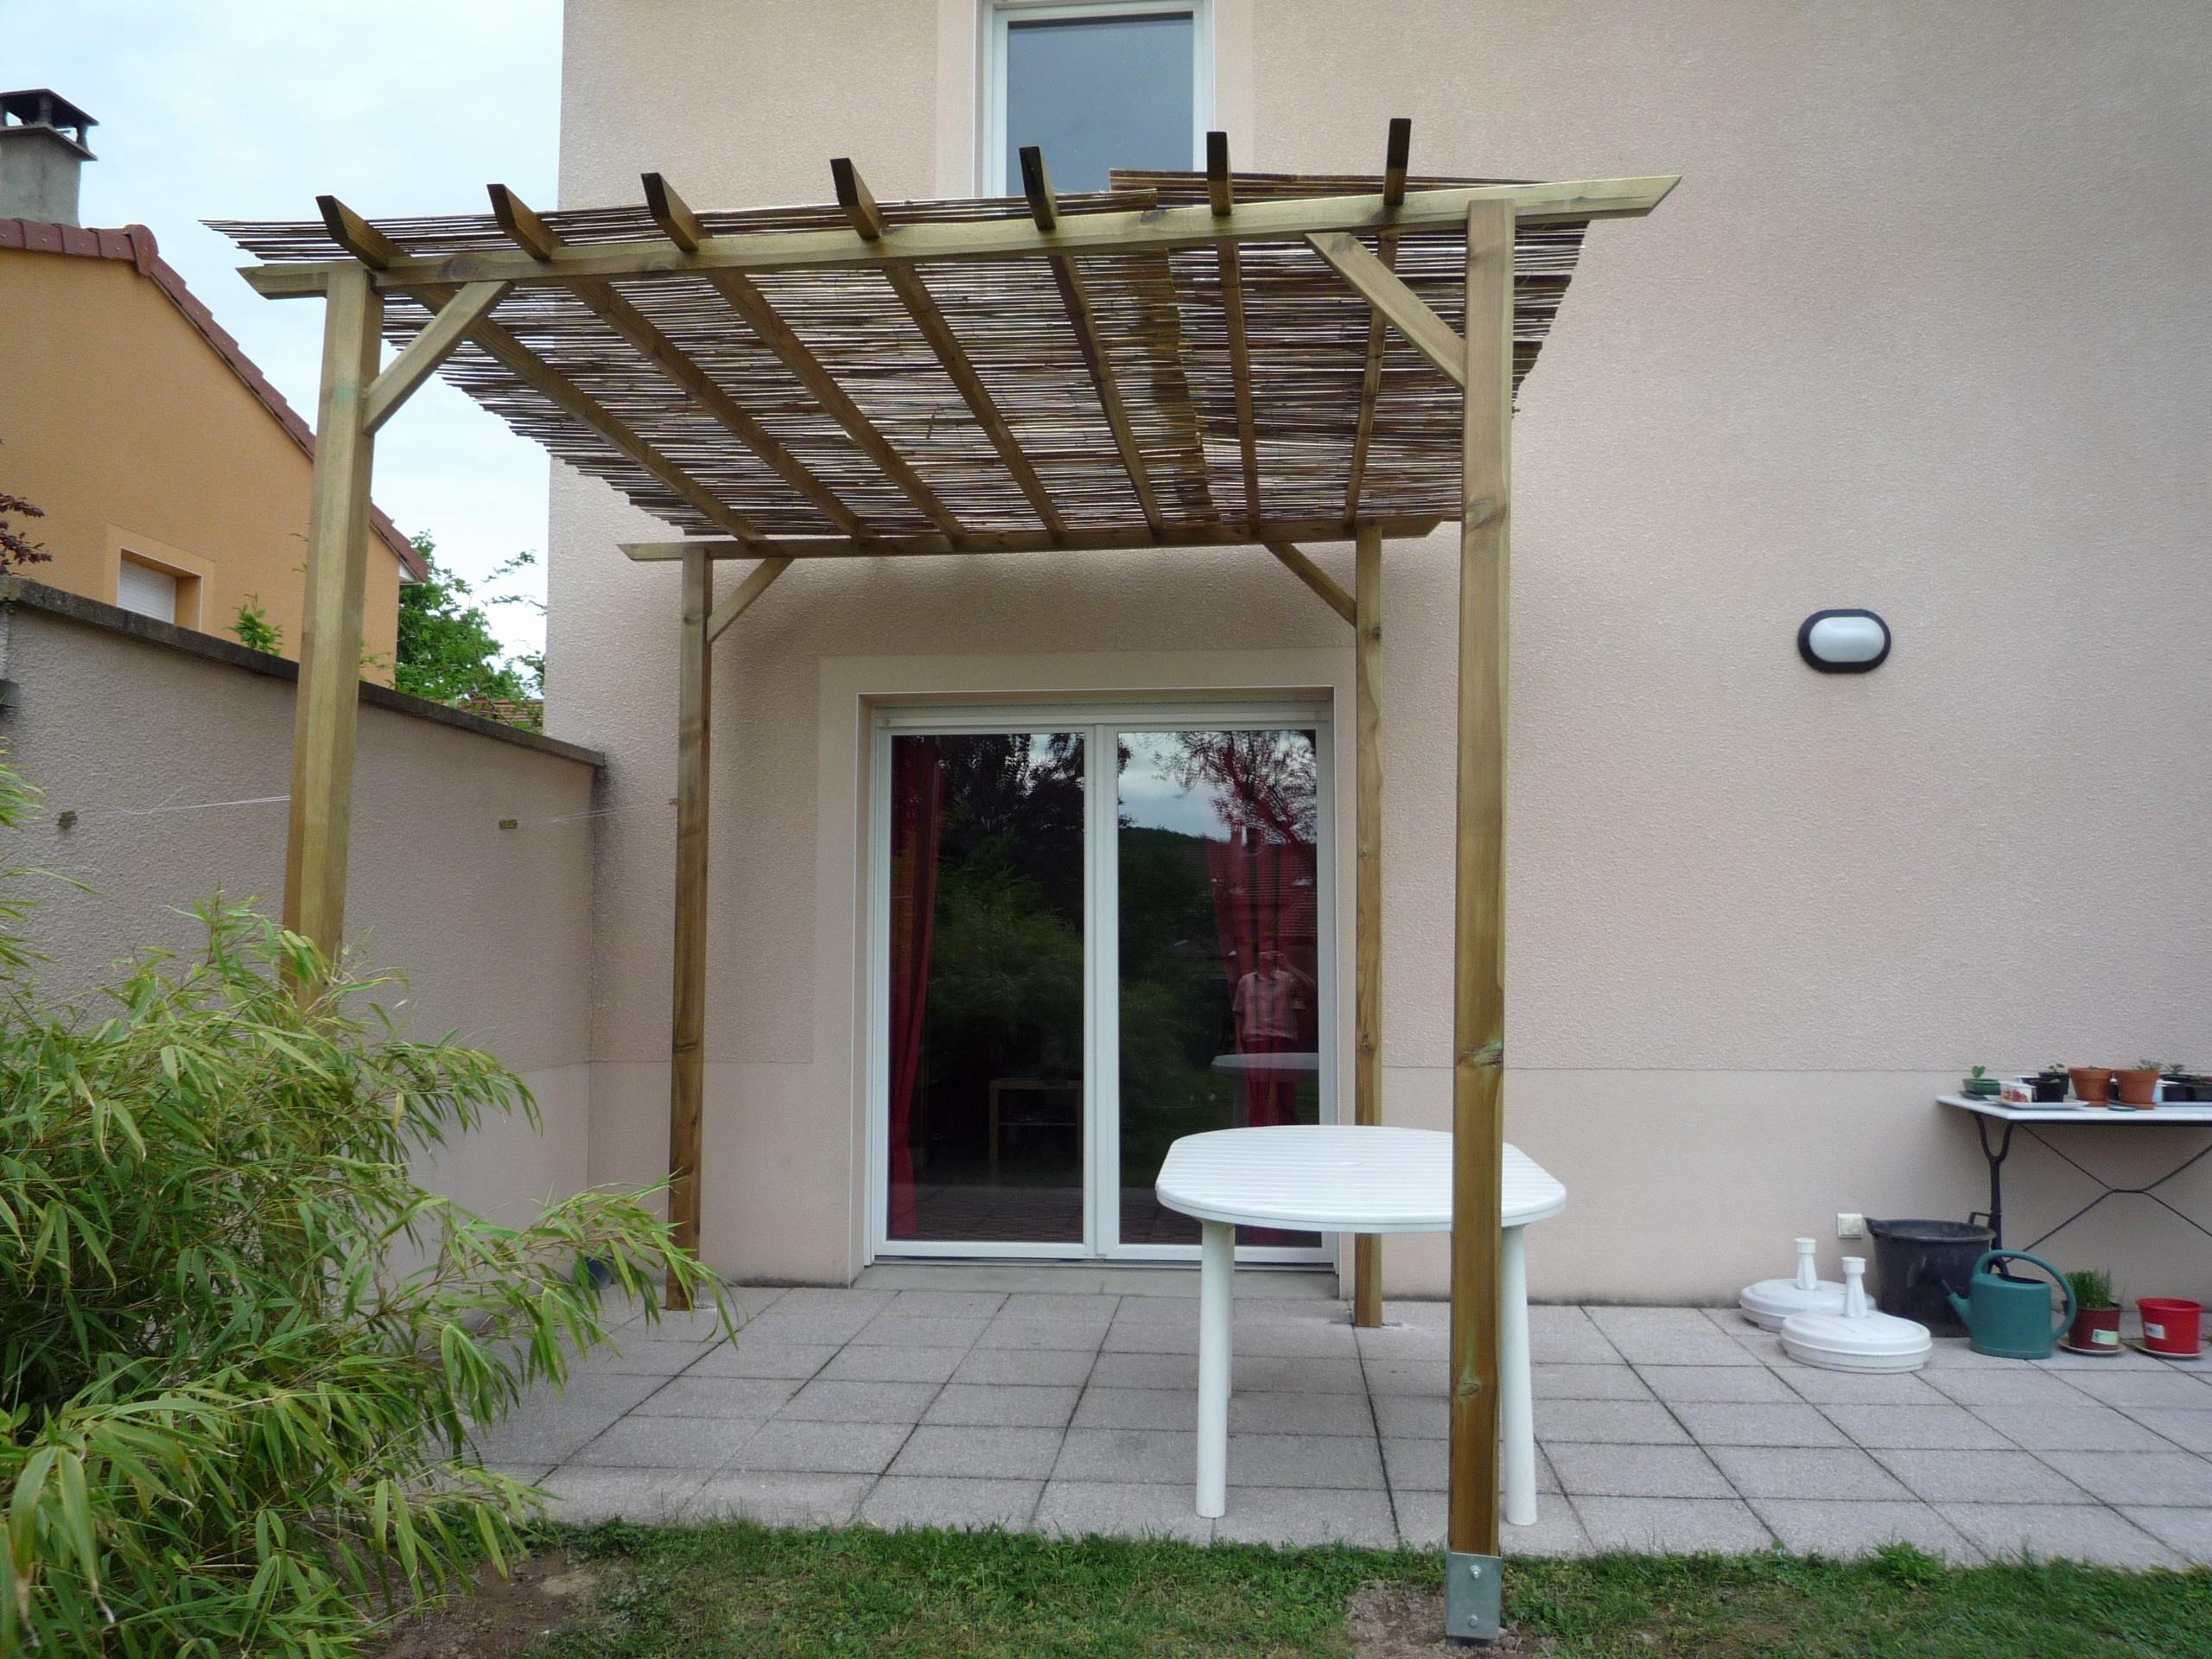 construire un toit terrasse source dinspiration modele de pergola en bois ainsi que 48 glorieux representations de of construire un toit terrasse